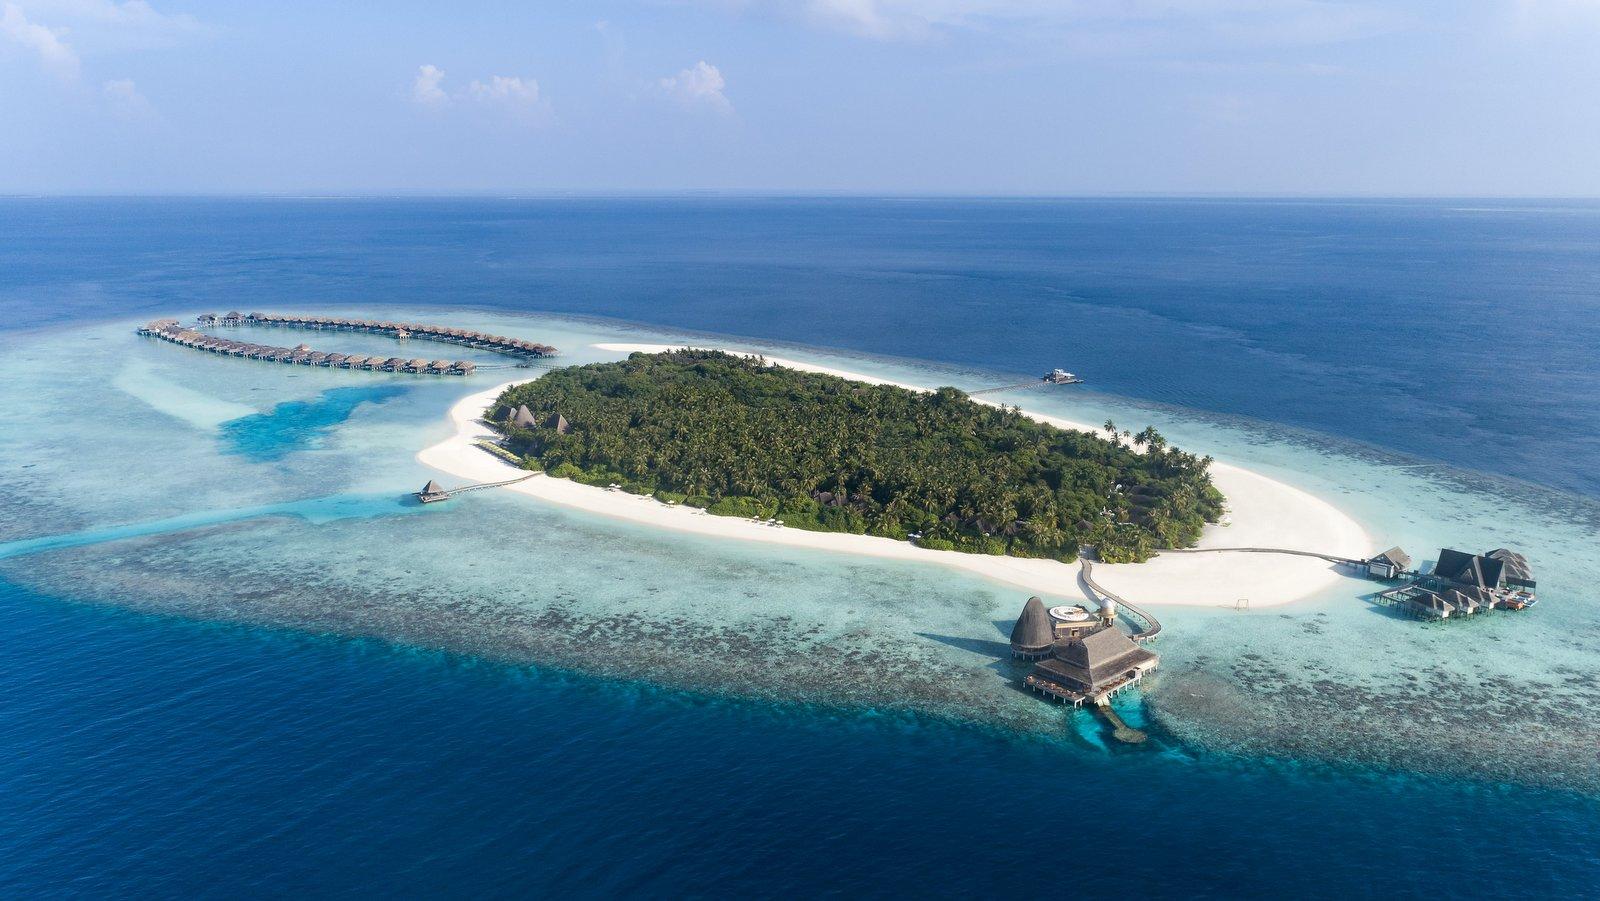 Мальдивы, отель Anantara Kihavah Maldives Villas, остров